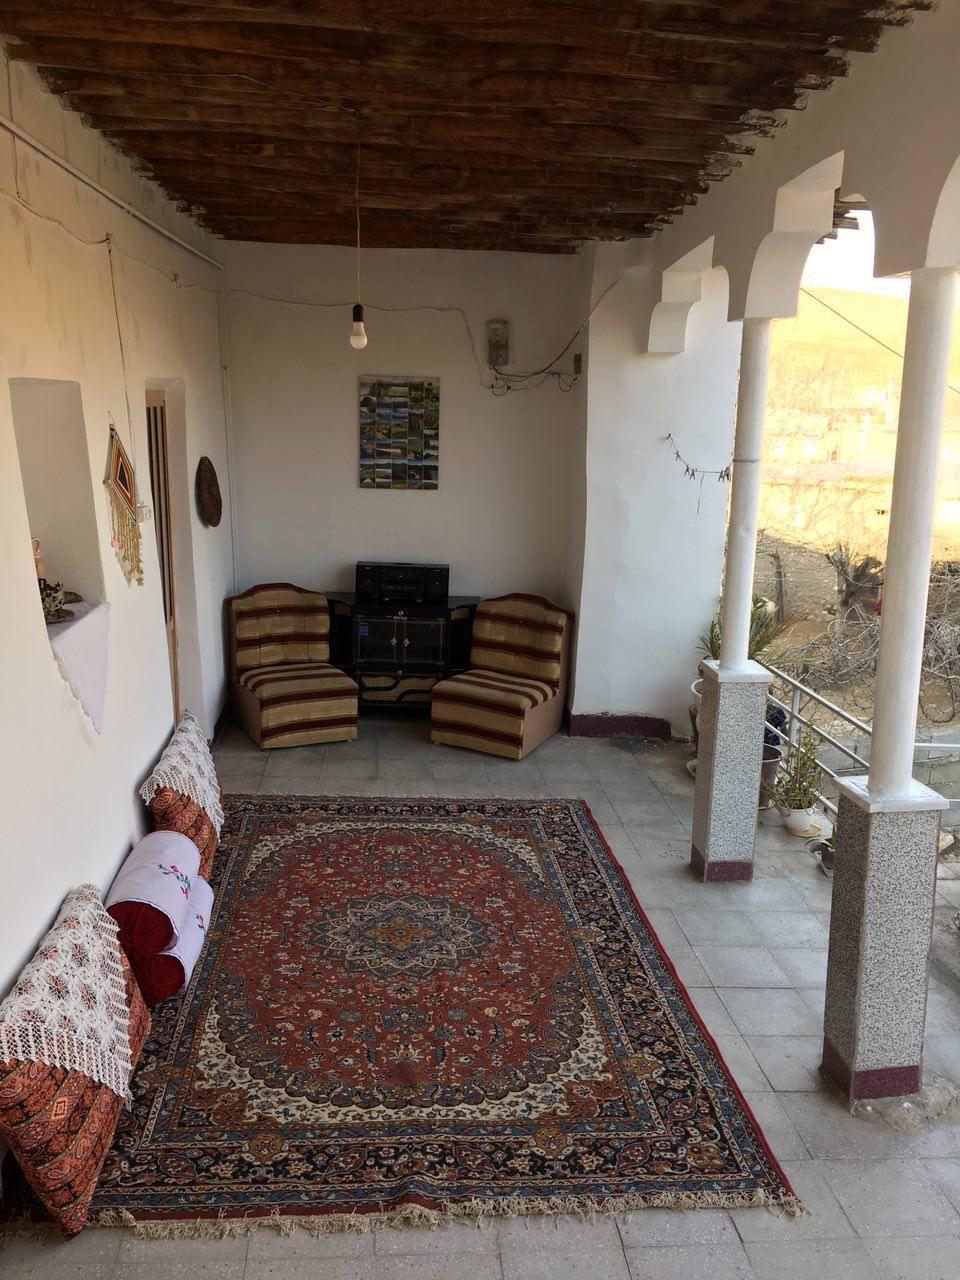 اقامتگاه بومگردی سرماج دارای ظرفیتهای بالای گردشگری در ابعاد تاریخی، طبیعی و فرهنگی